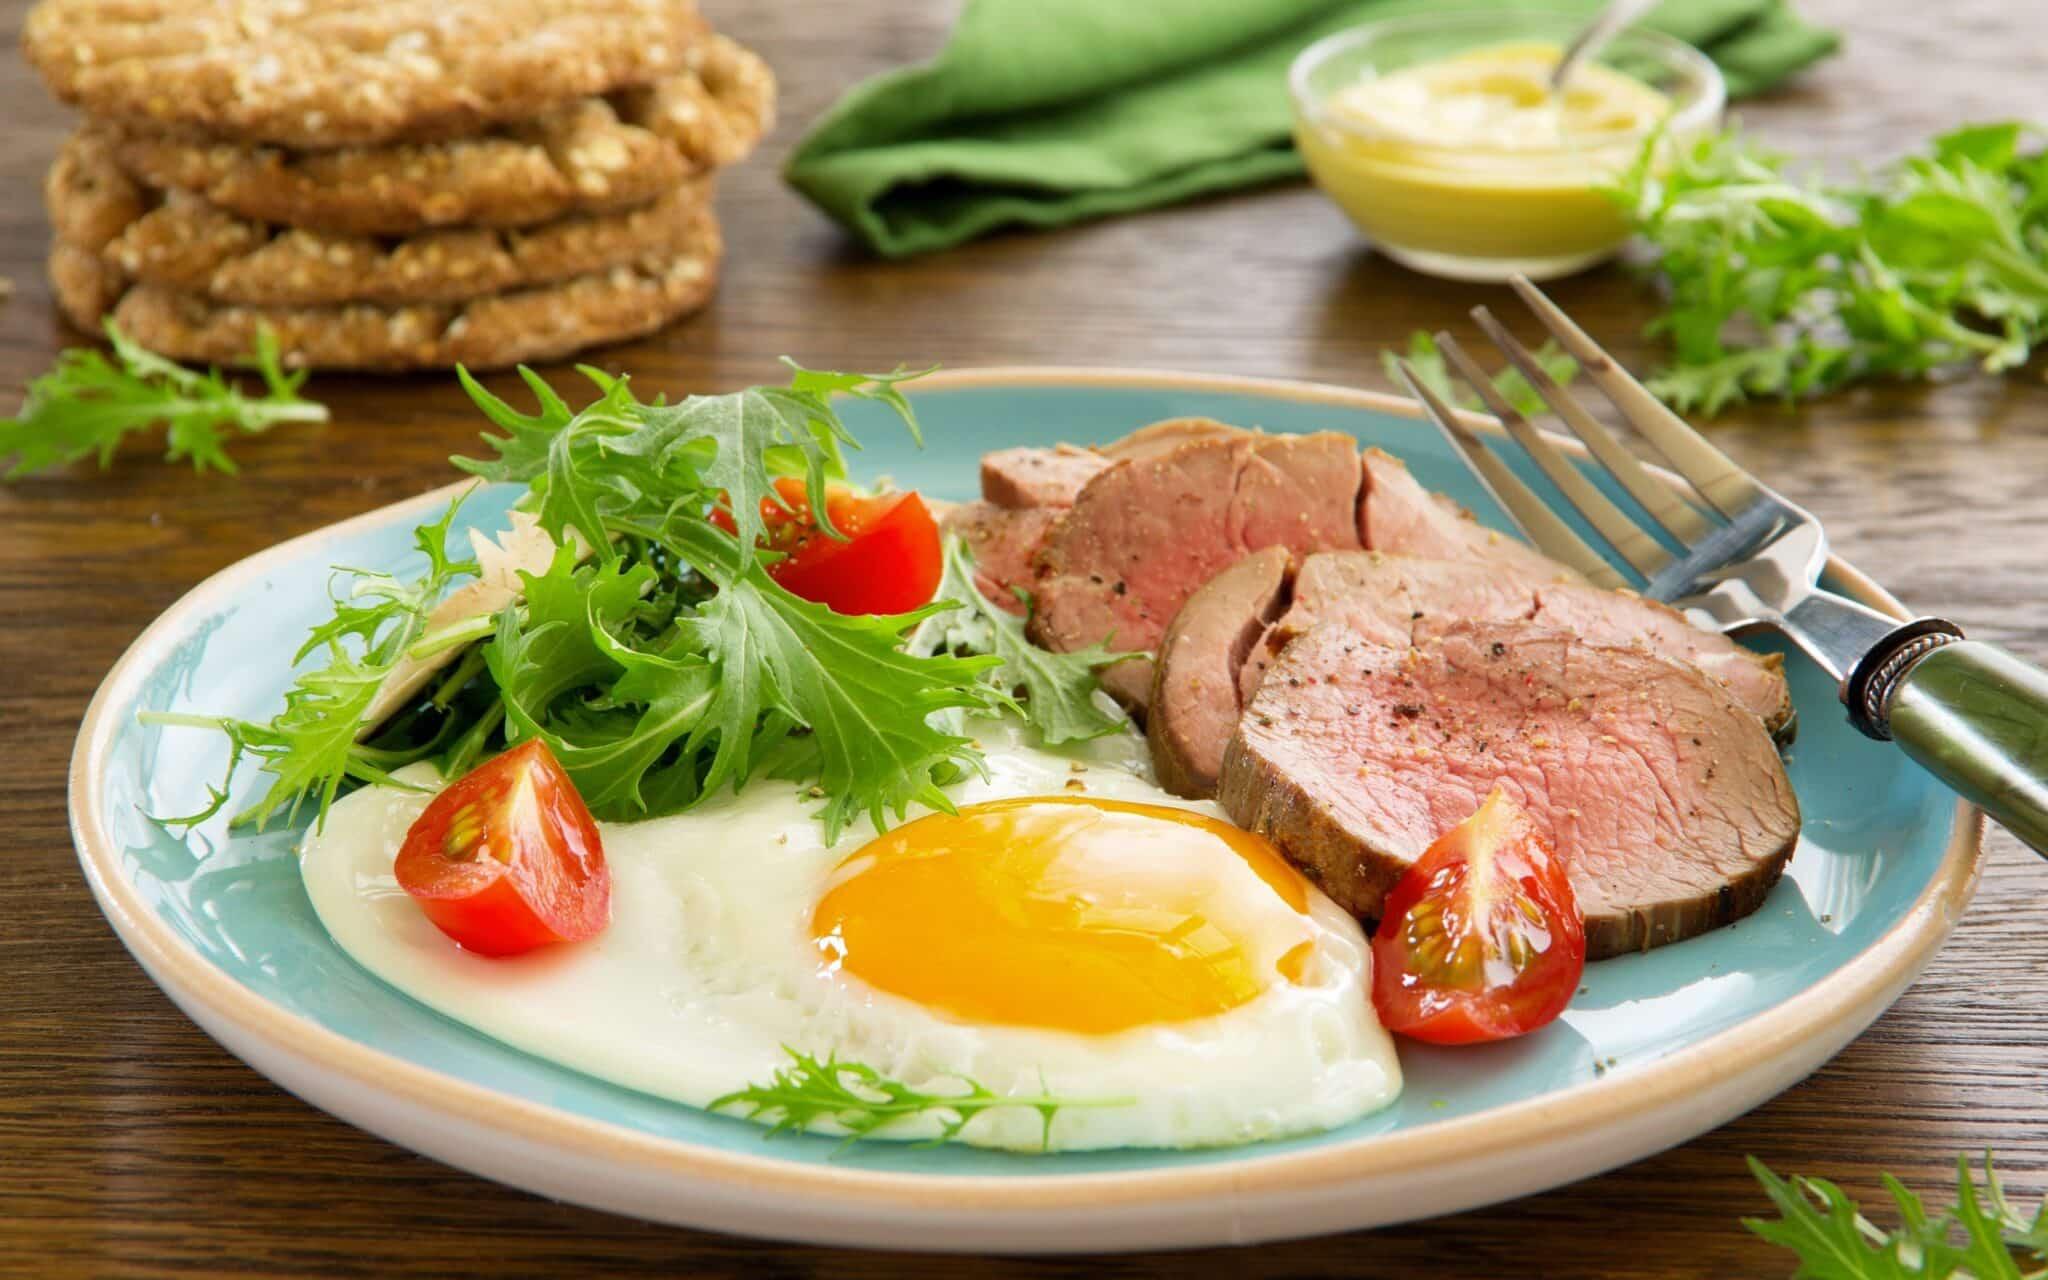 Продукты, которые вредно употреблять рано утром: каким должен быть завтрак